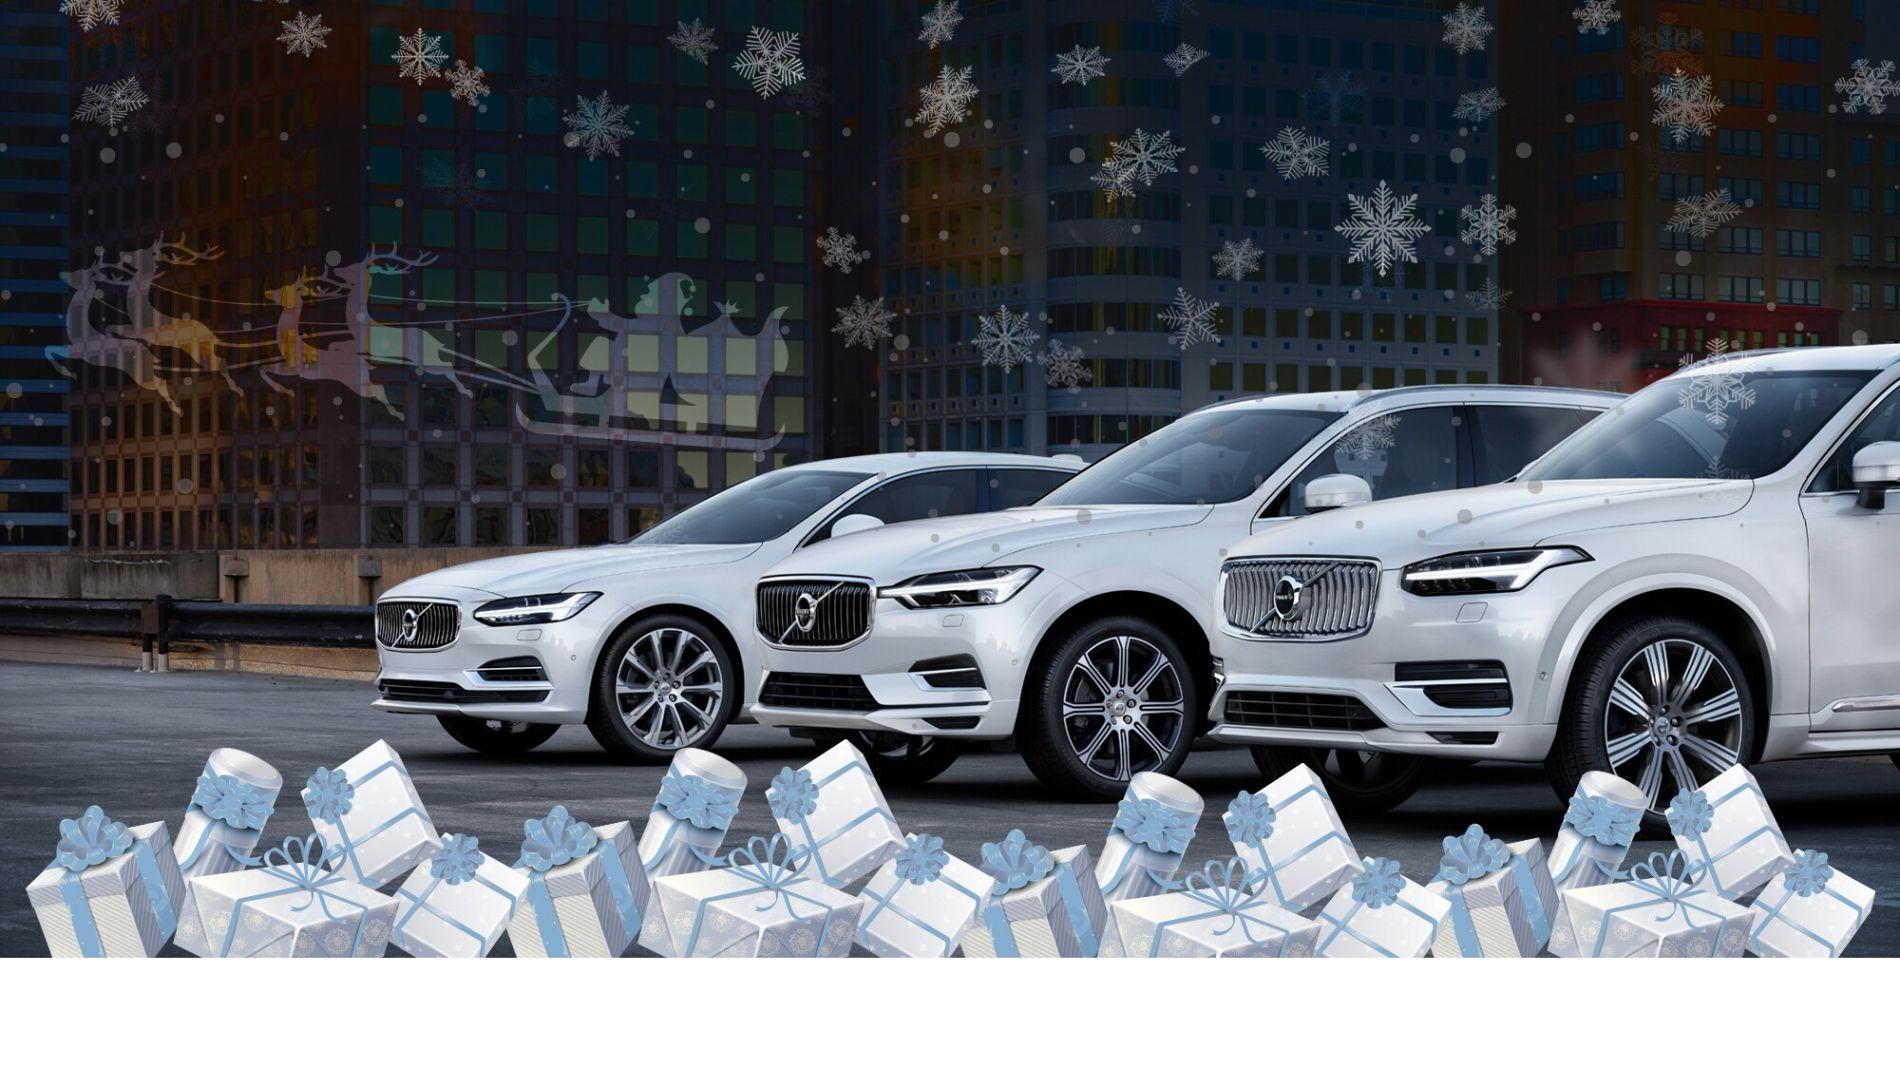 Новорічні сюрпризи від Volvo